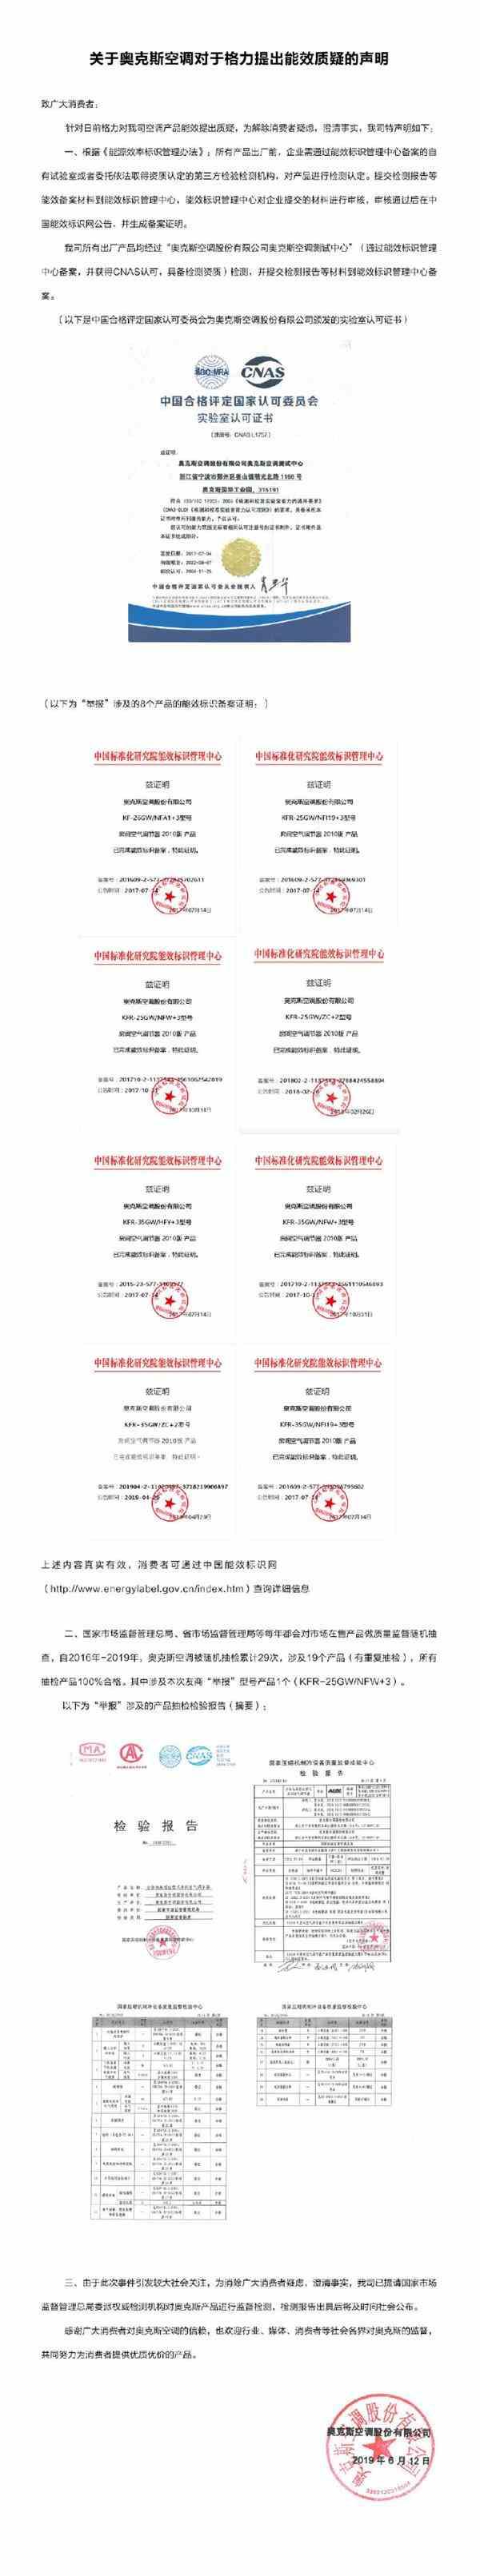 奥克斯空调:关于对于格力提出能效质疑发布声明-中国网地产